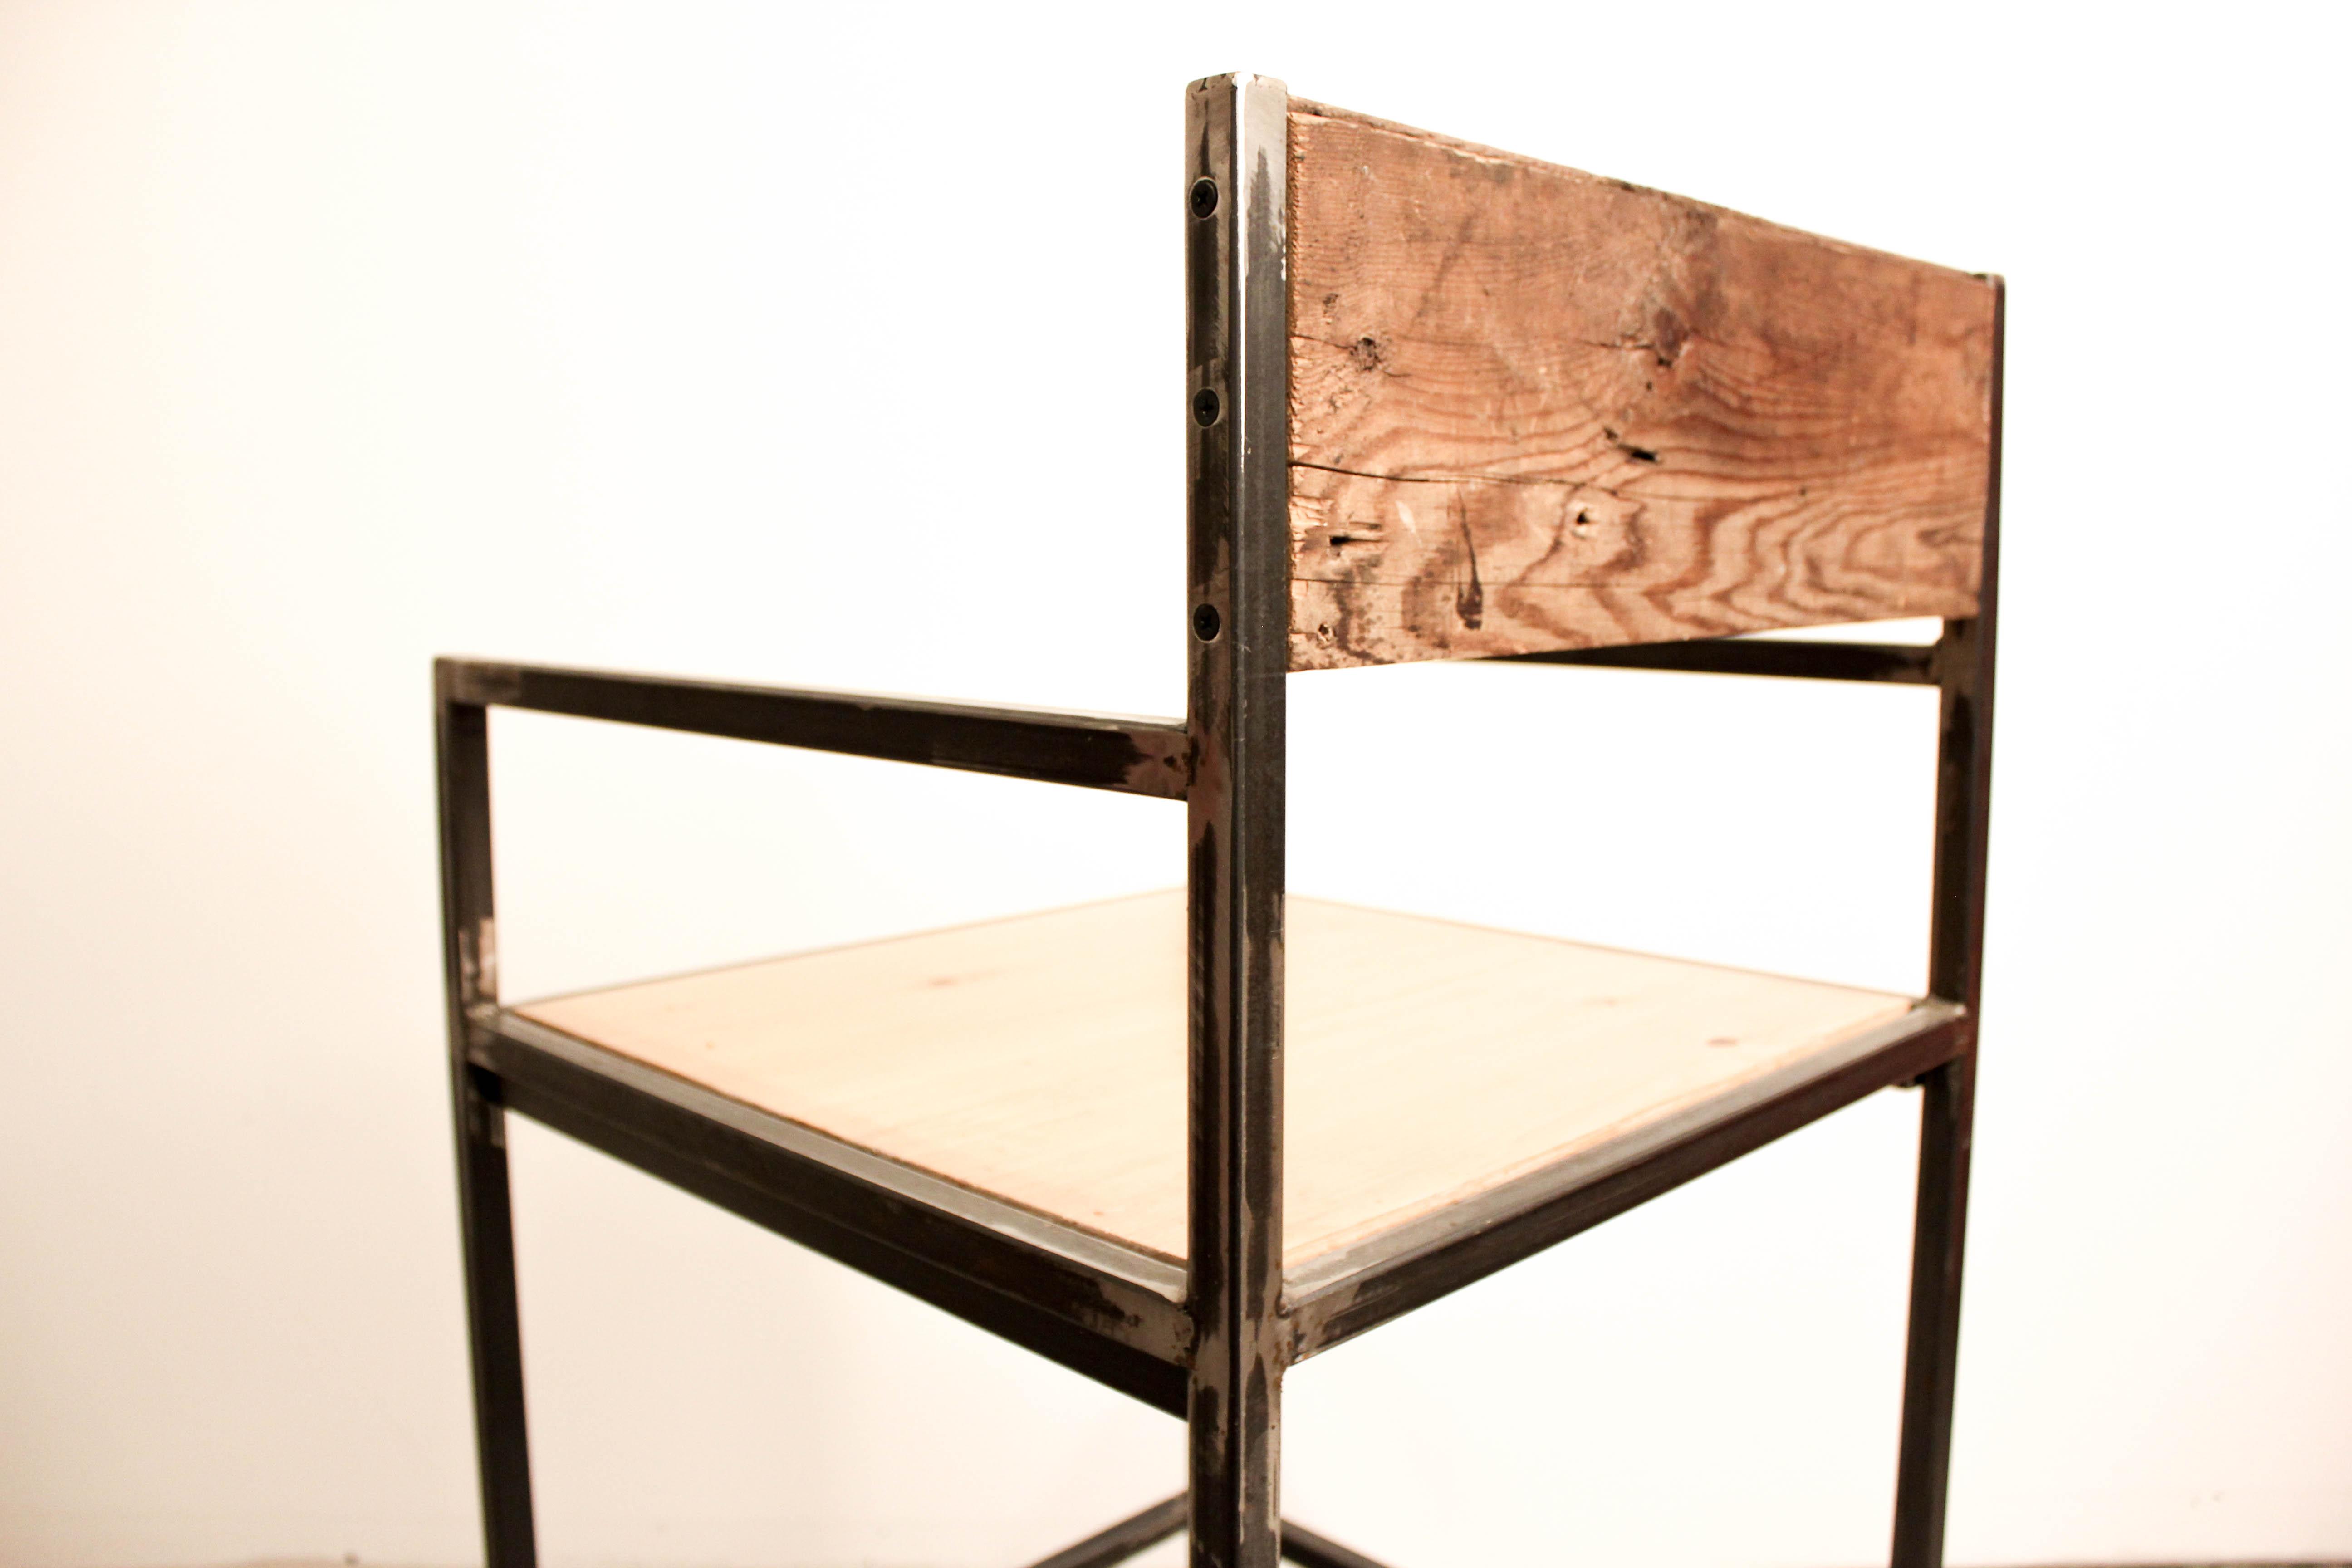 meubles roll 4-13